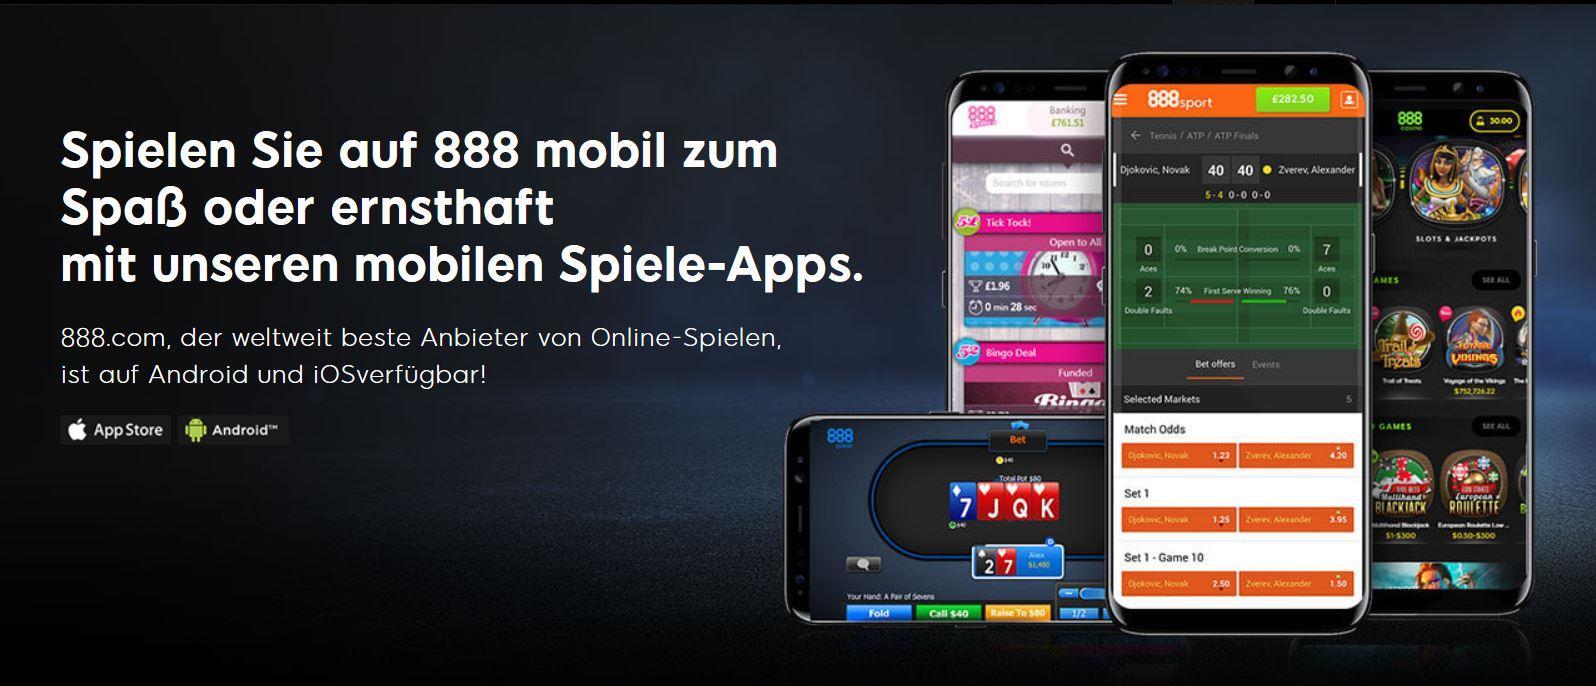 888 app